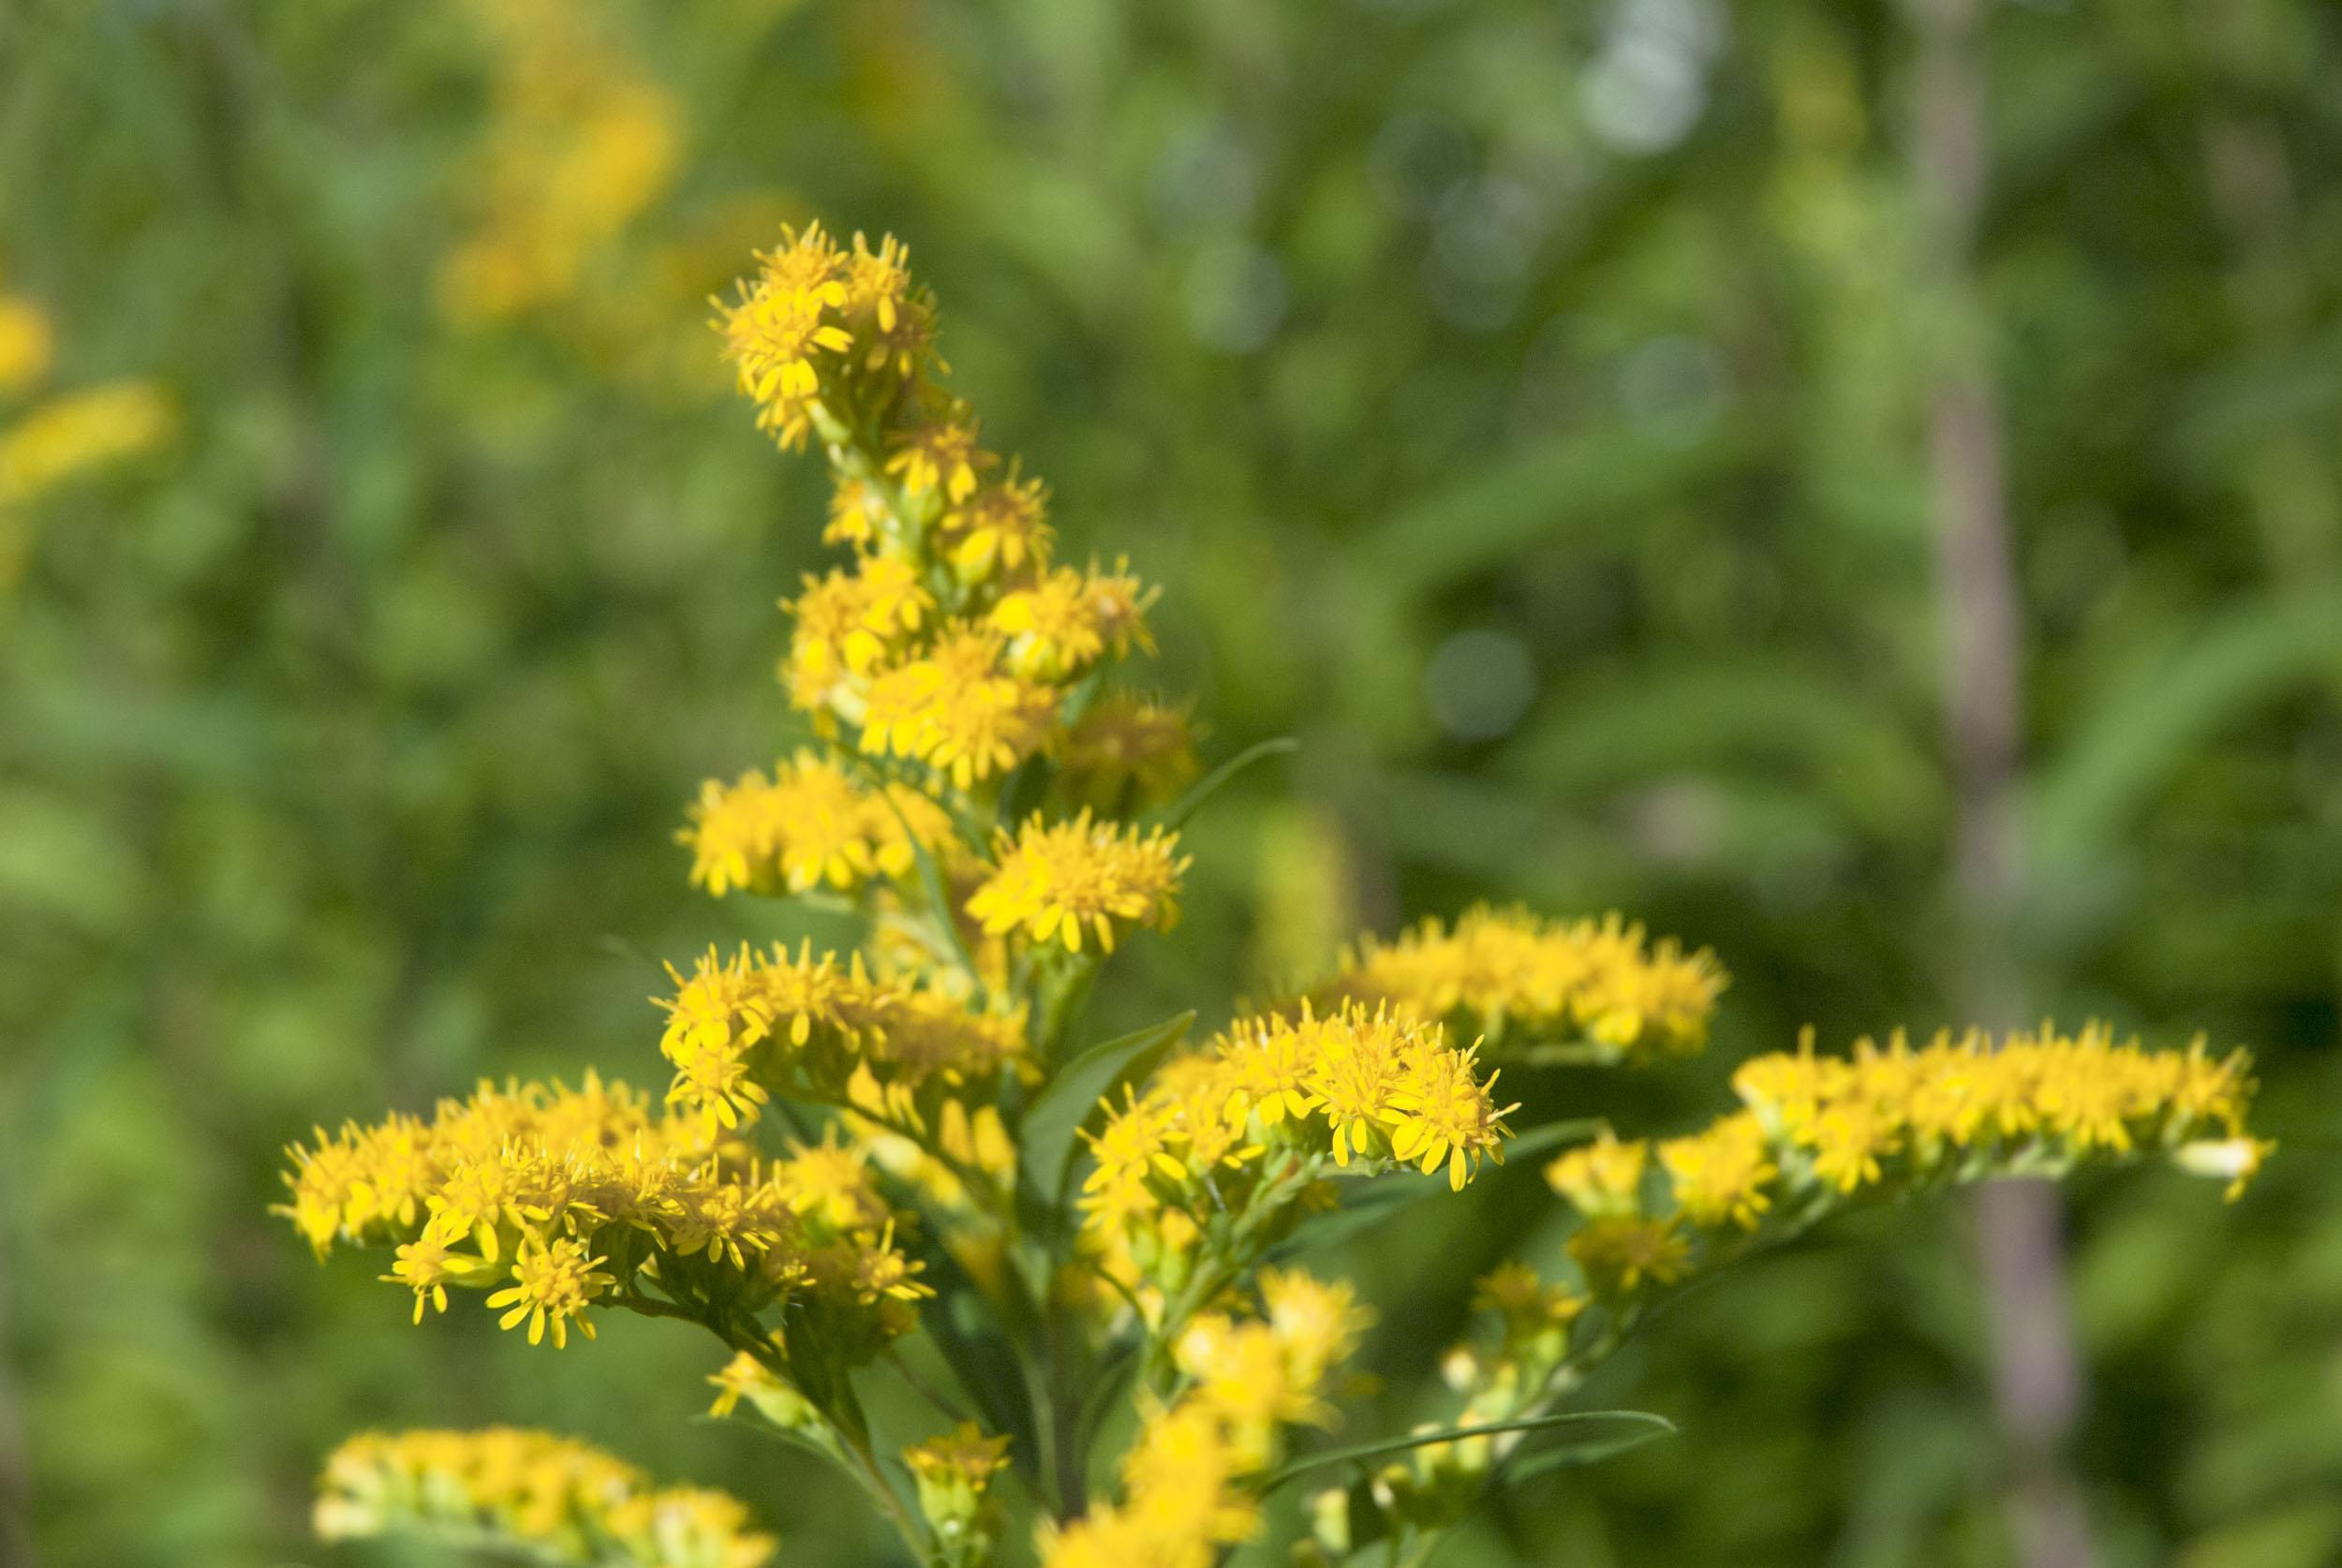 Blüte einer Goldrute vor grünem Laub.